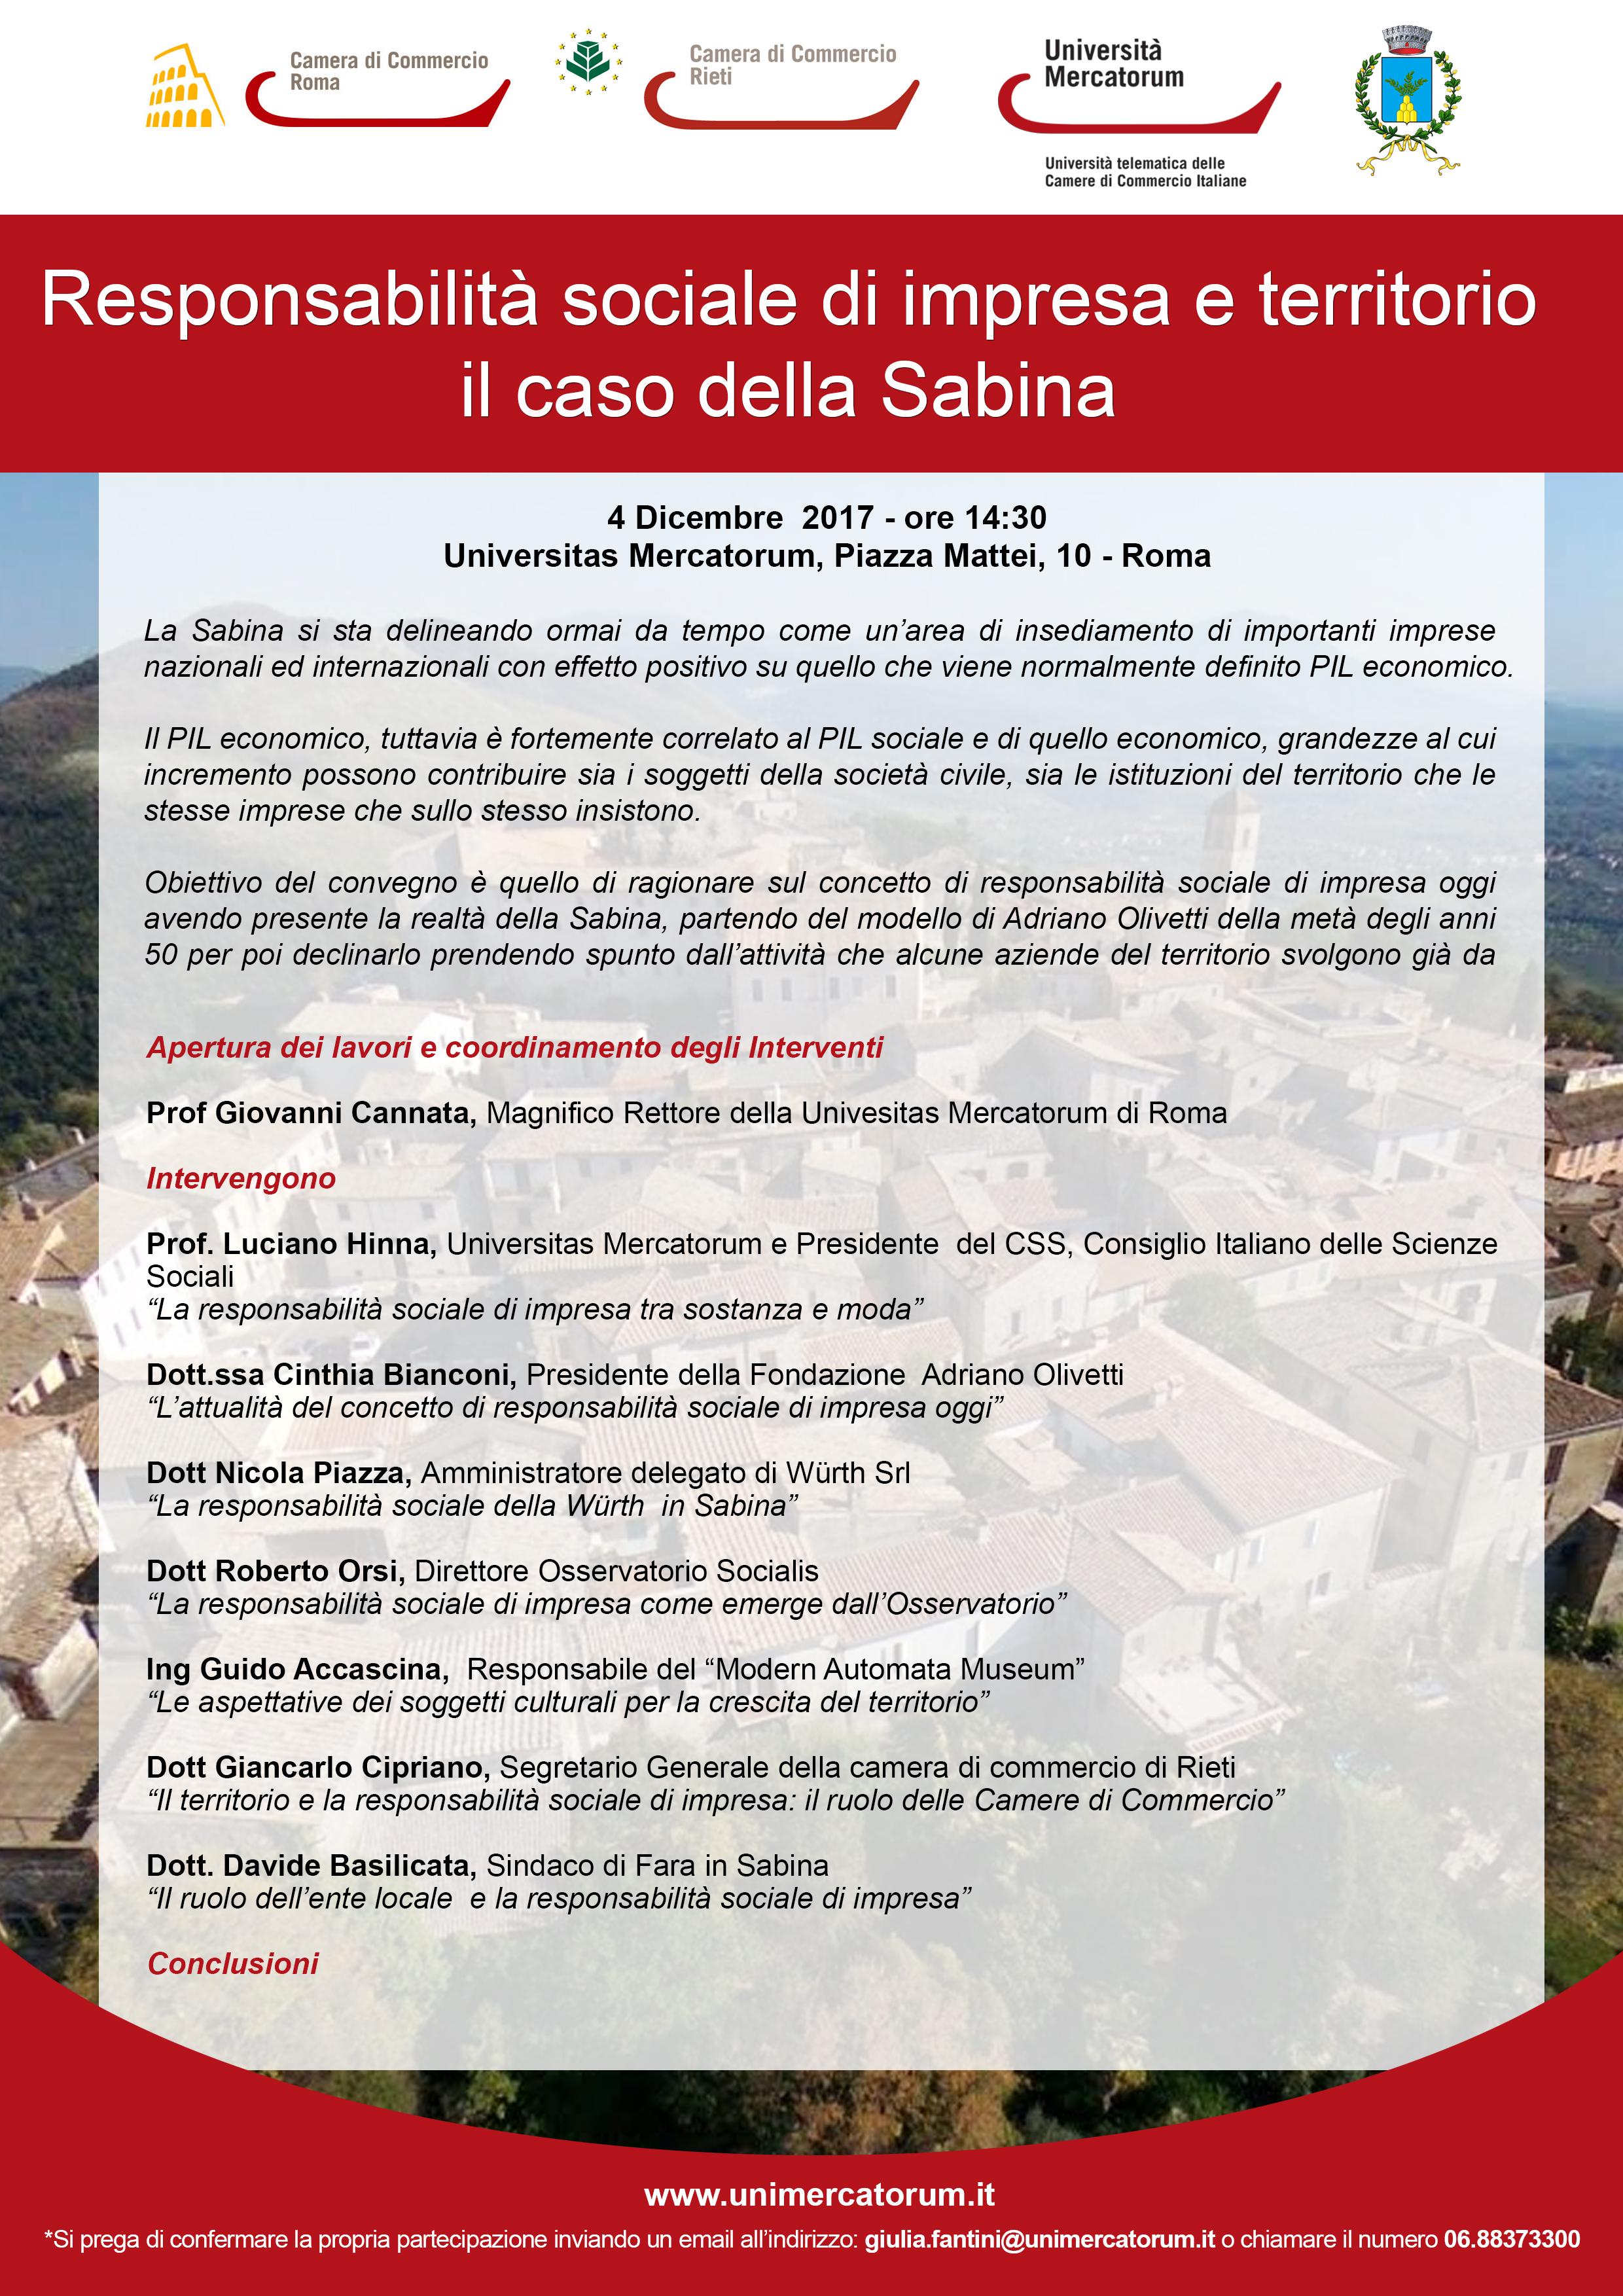 """""""Responsabilità Sociale di Impresa e Territorio. Il Caso della Sabina"""" - 4 Dicembre 2017 - ore 14:30 - Universitas Mercatorum, Piazza Mattei, 10 - Roma"""